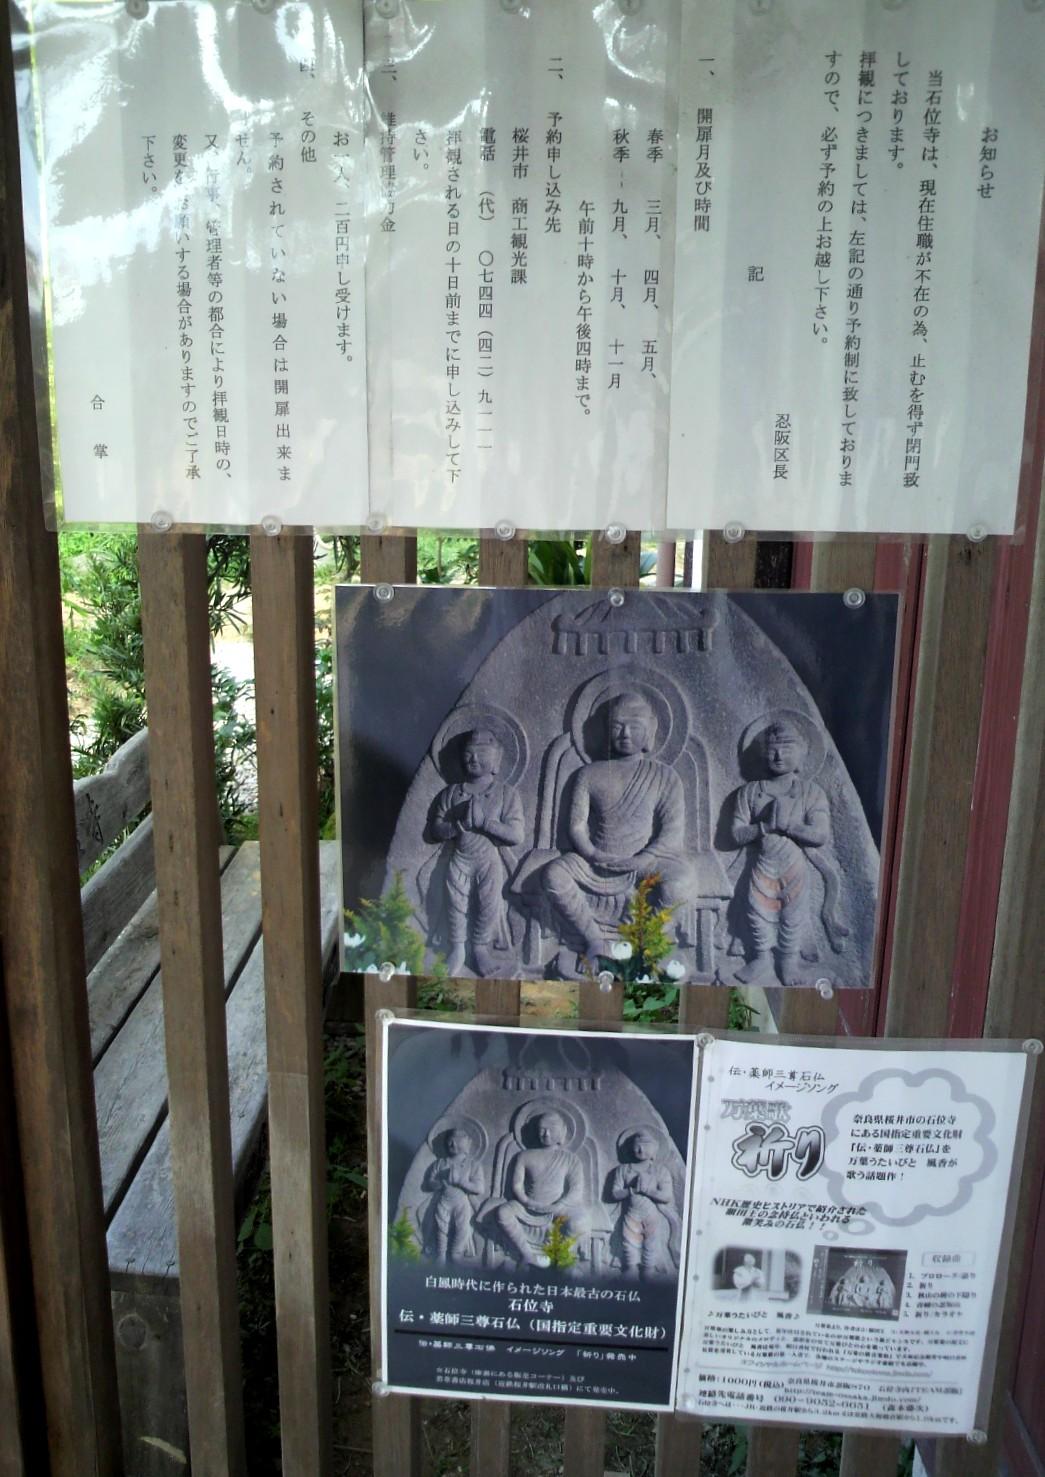 忍坂の石位寺庫裏に掲示された本尊写真と拝観案内